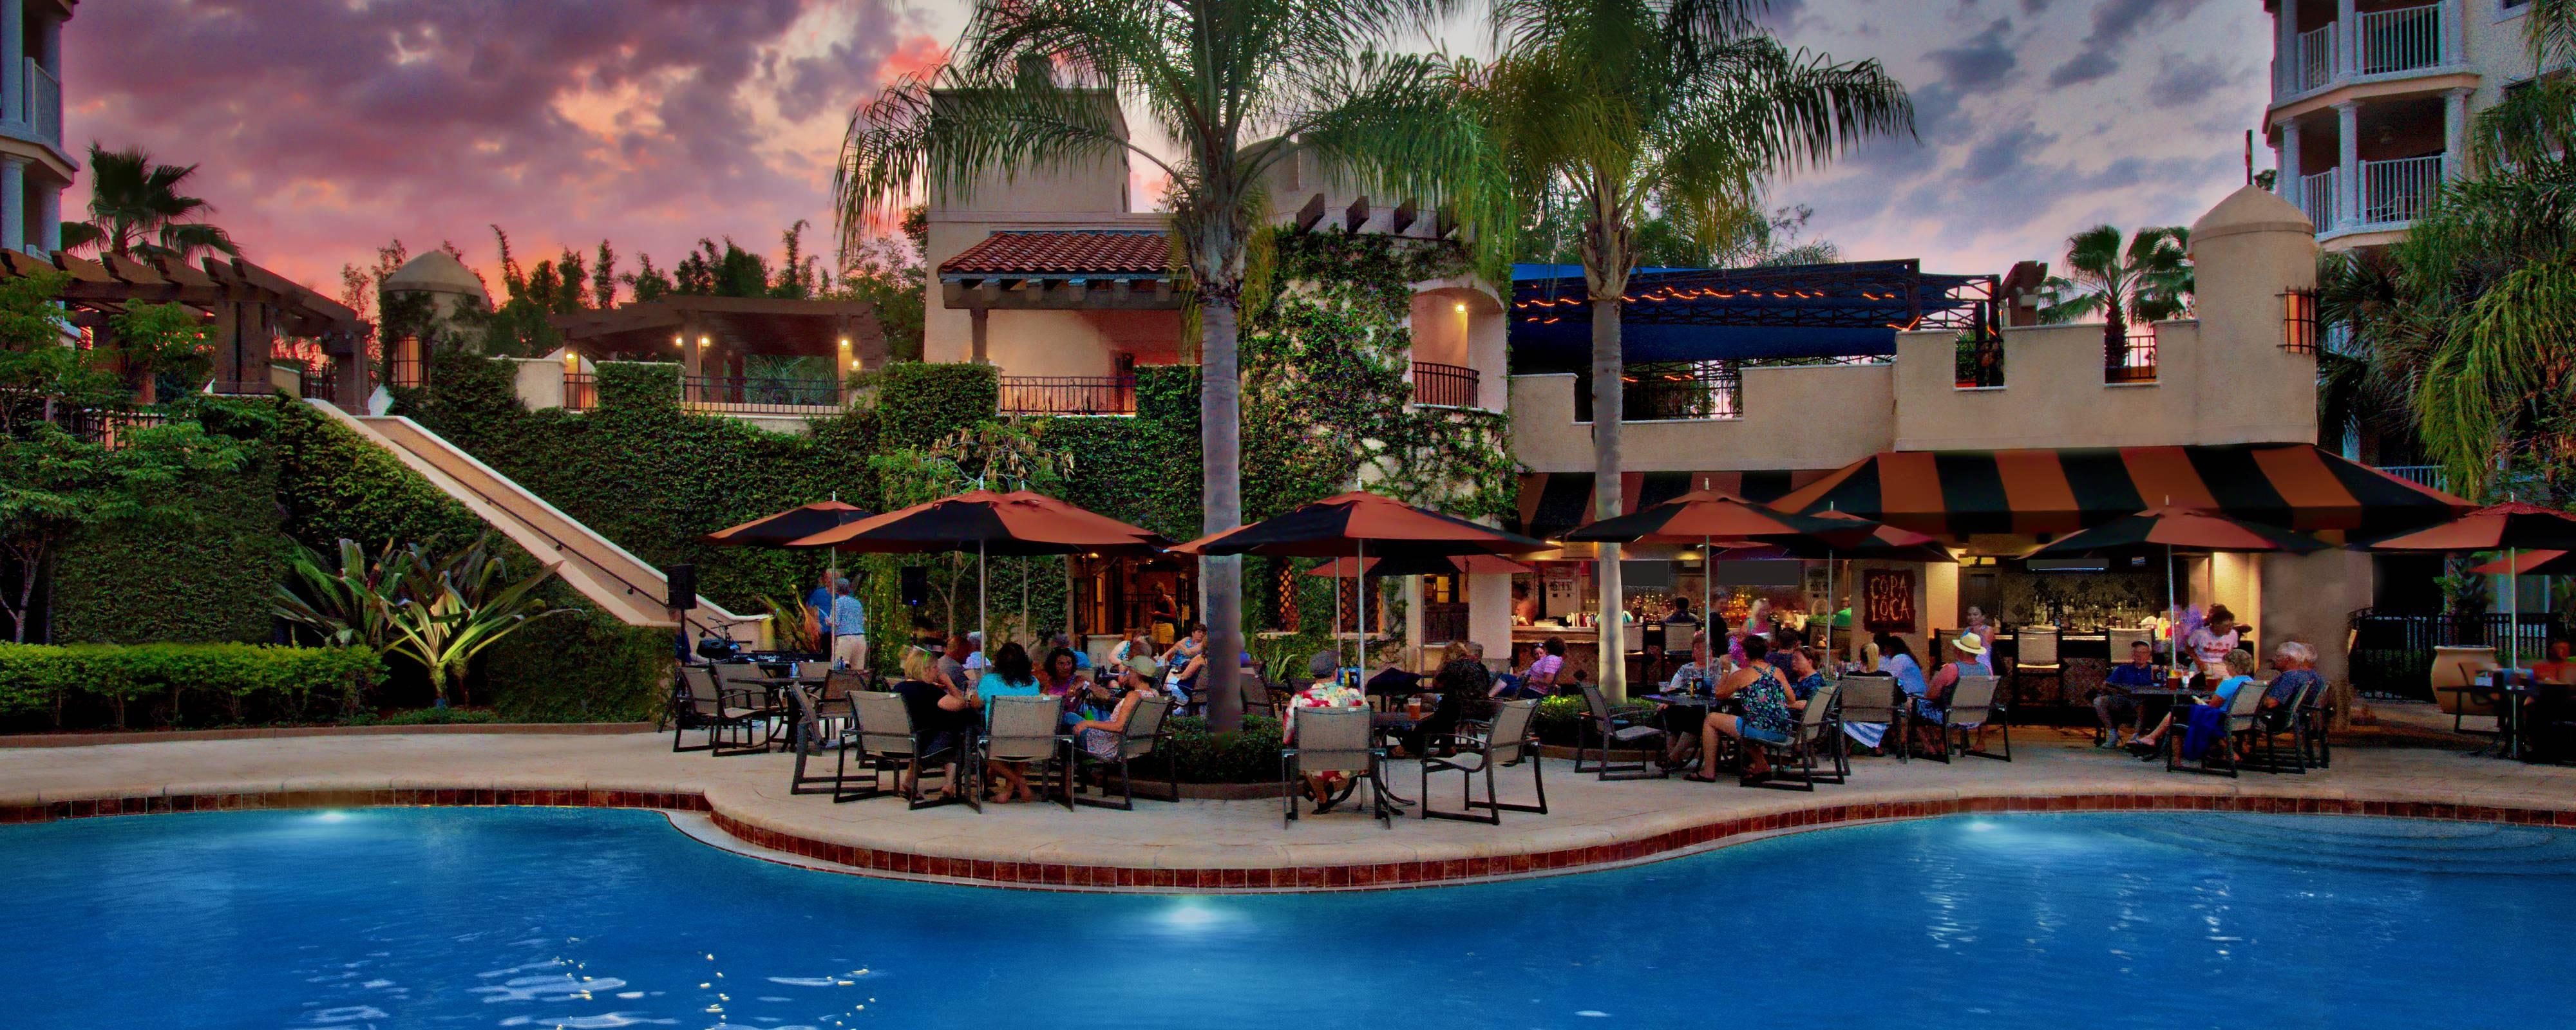 Outdoor Restaurants Orlando  Casual Dining  Marriotts Grande Vista